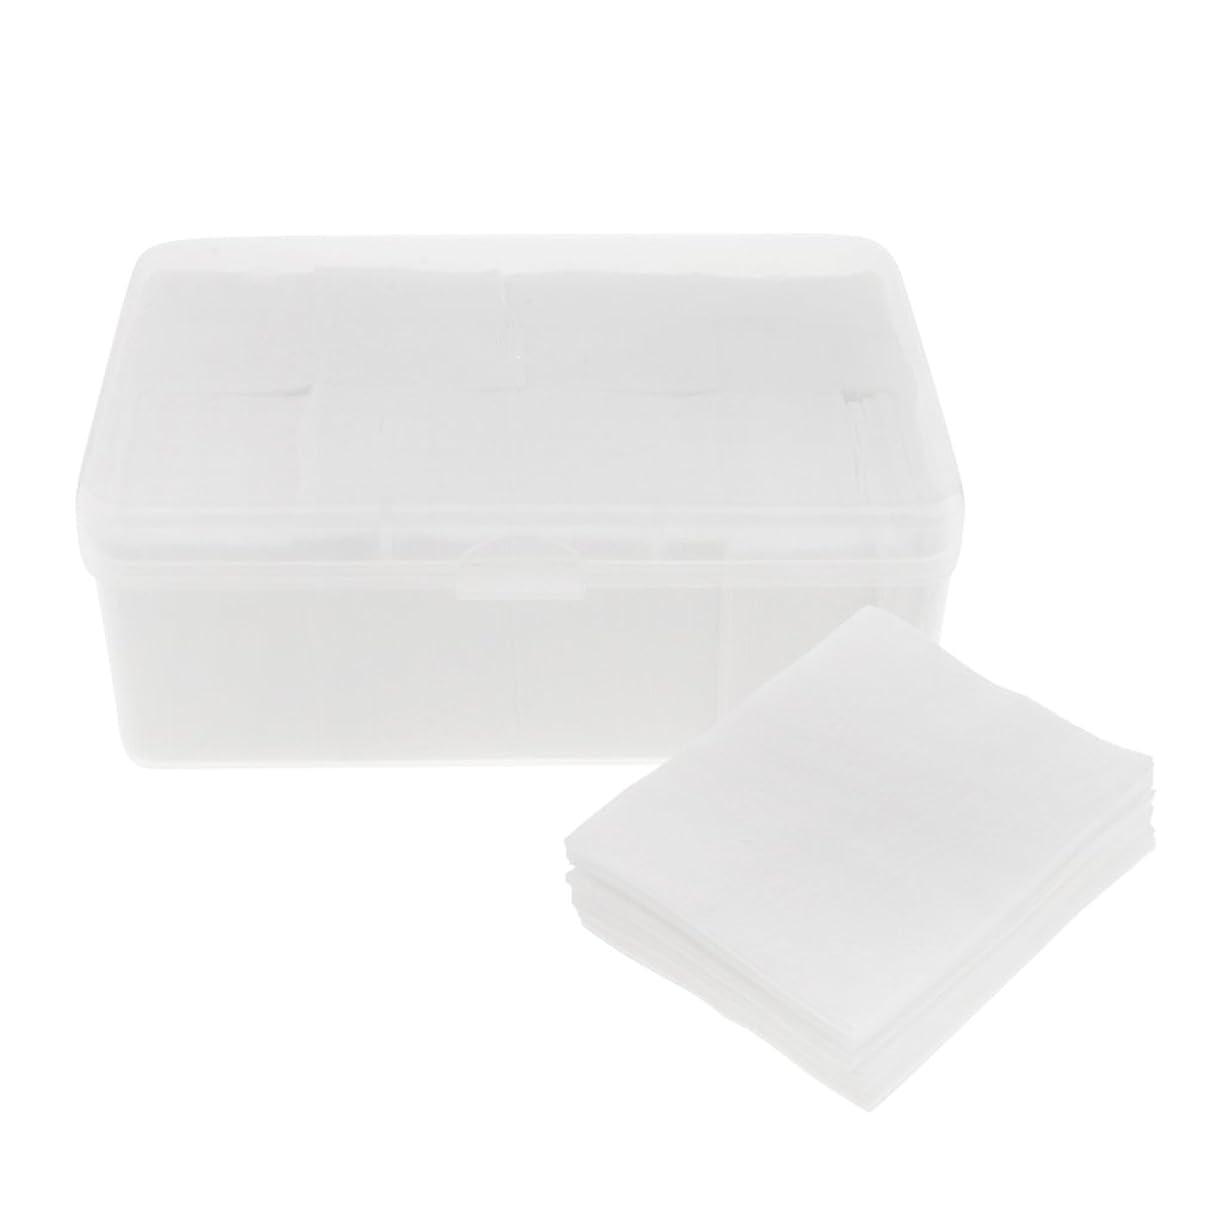 対応する寝具分析するFenteer 約1000枚 コットンパッド 化粧パッド メイクアップ メイク落とし スキンケア